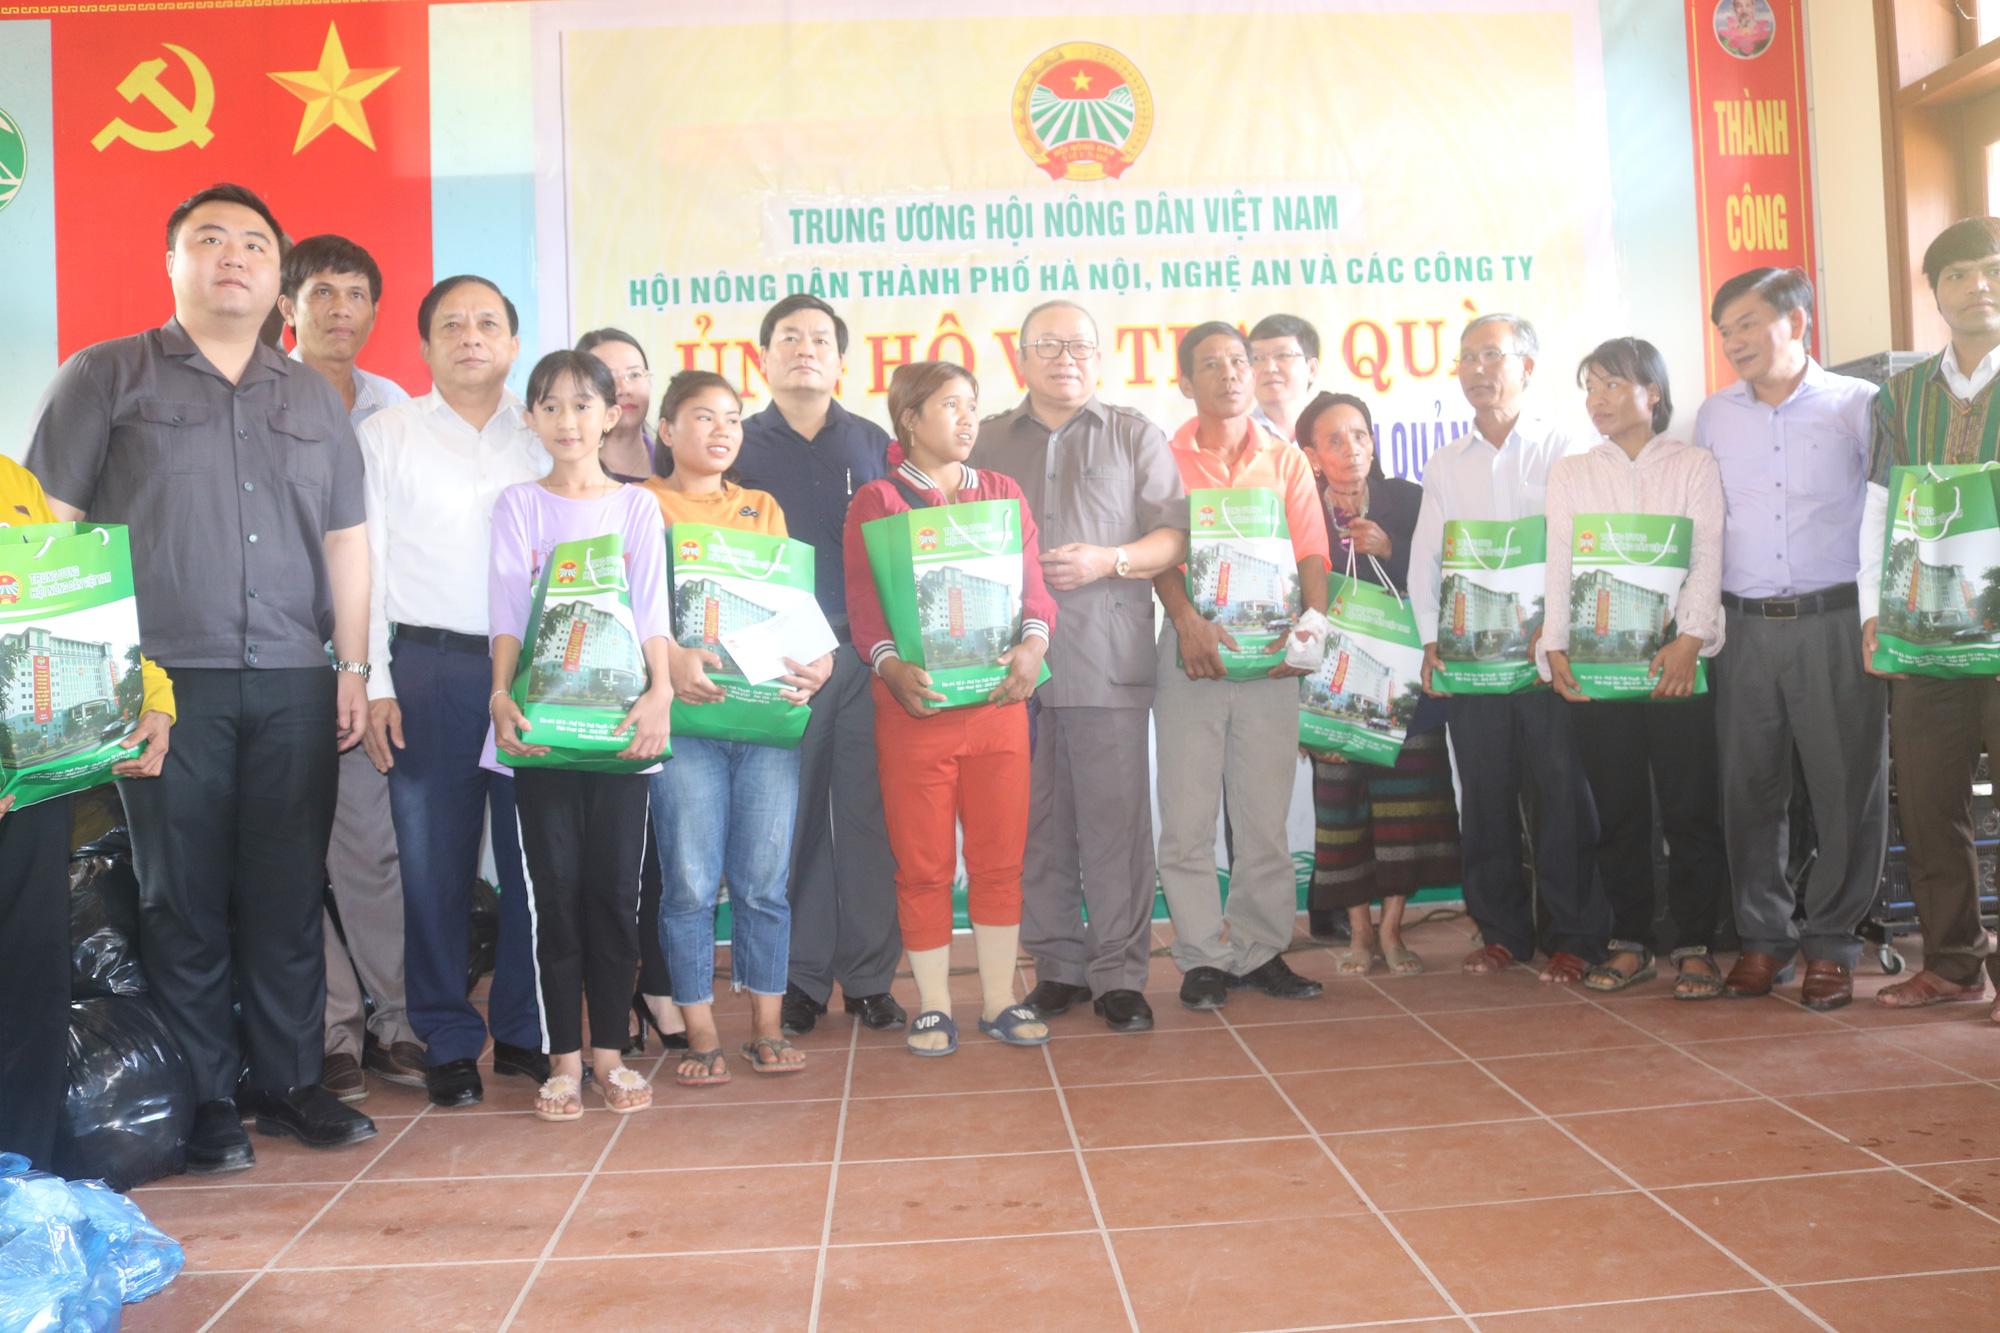 Chủ tịch Hội Nông dân Việt Nam thăm điểm trường, tặng quà đồng bào bị lũ quét tỉnh Quảng Trị - Ảnh 1.